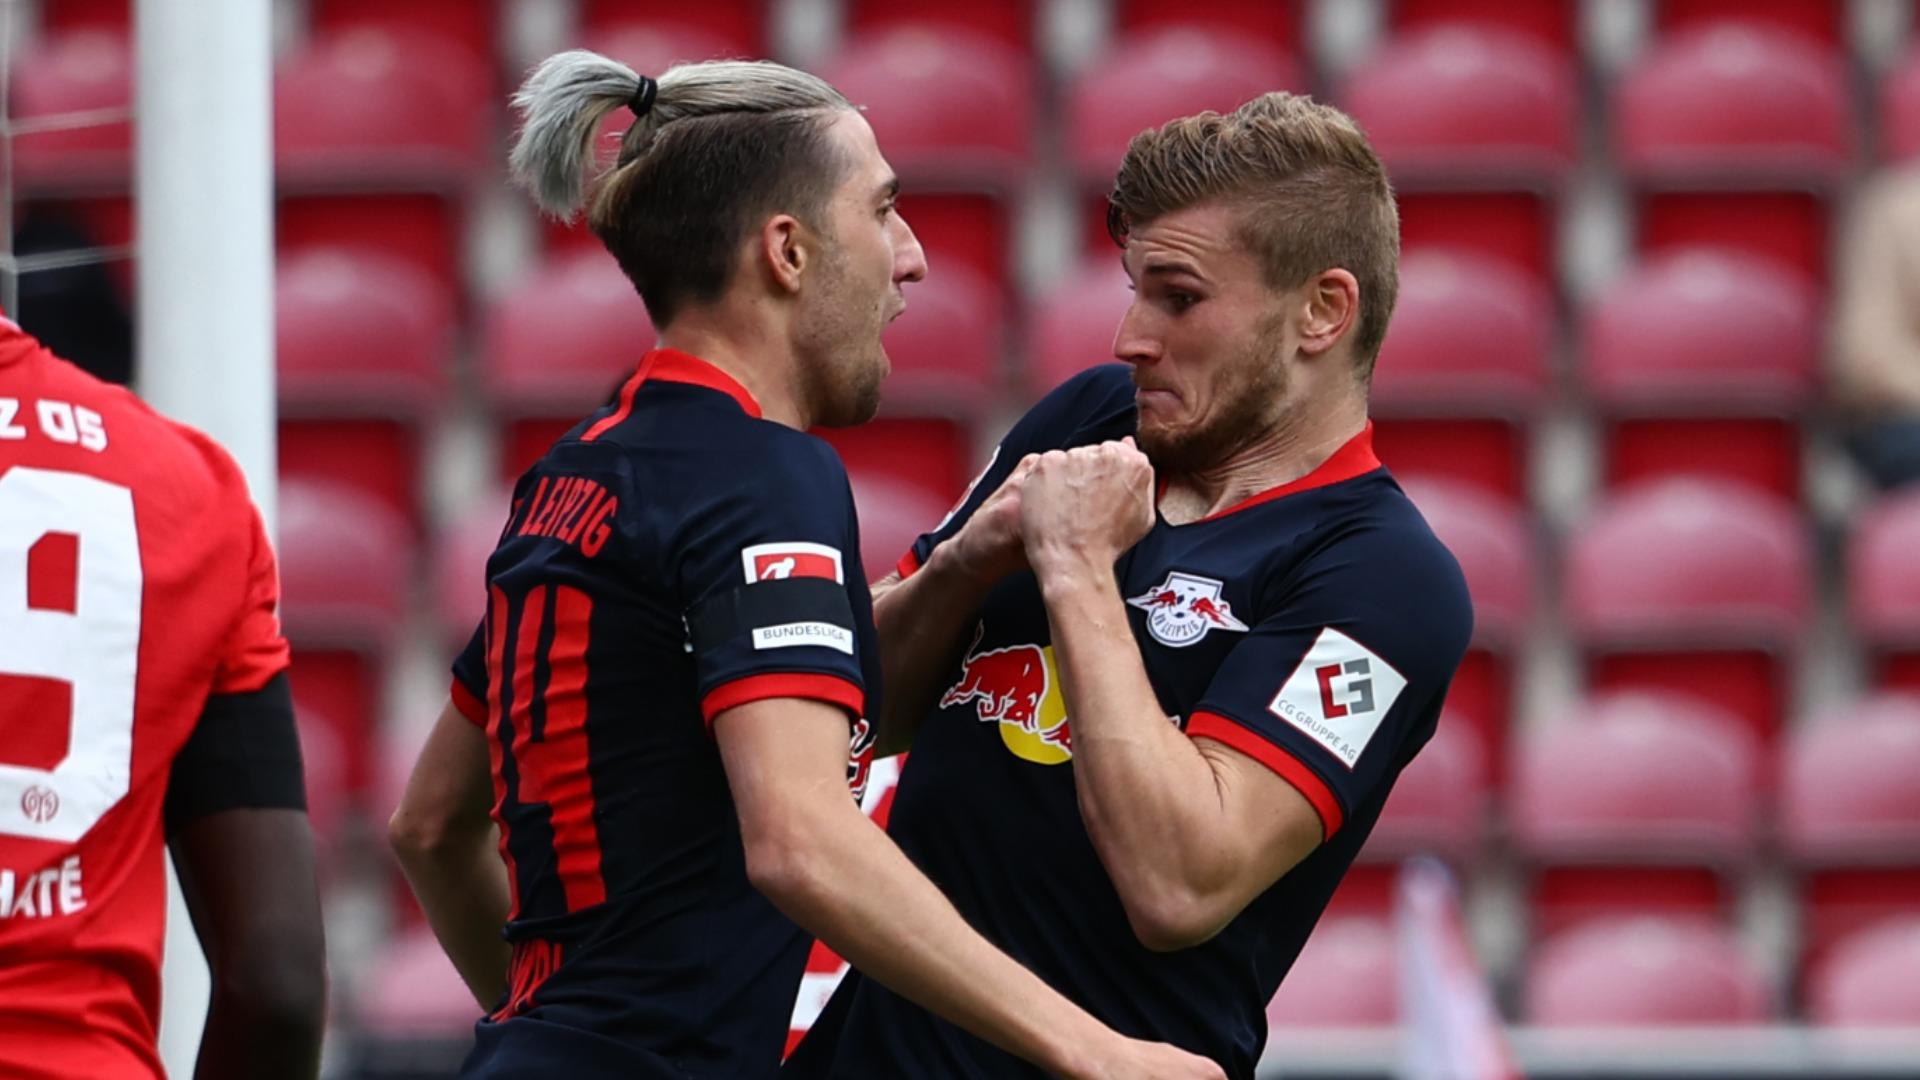 Mainz 05 V Rb Leipzig Match Report 5 24 20 Bundesliga Goal Com